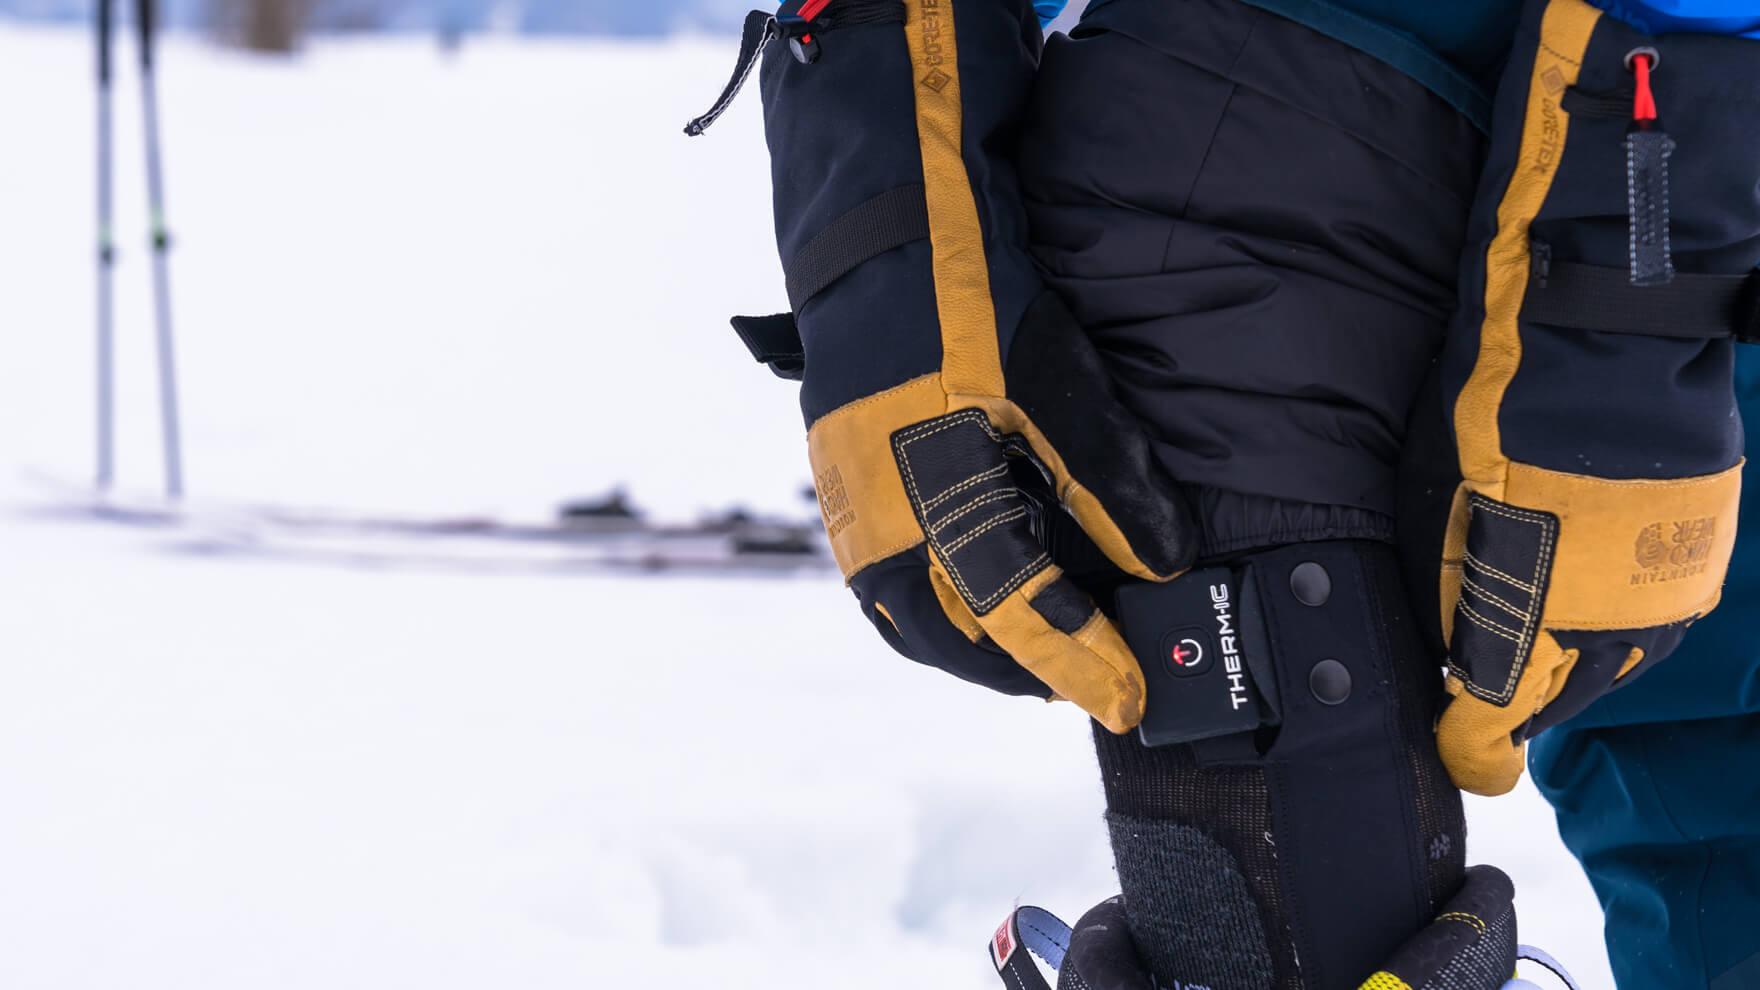 【レビュー】禁断のバッテリー型ヒーティングソックスで凍えた足先は救われるのか?